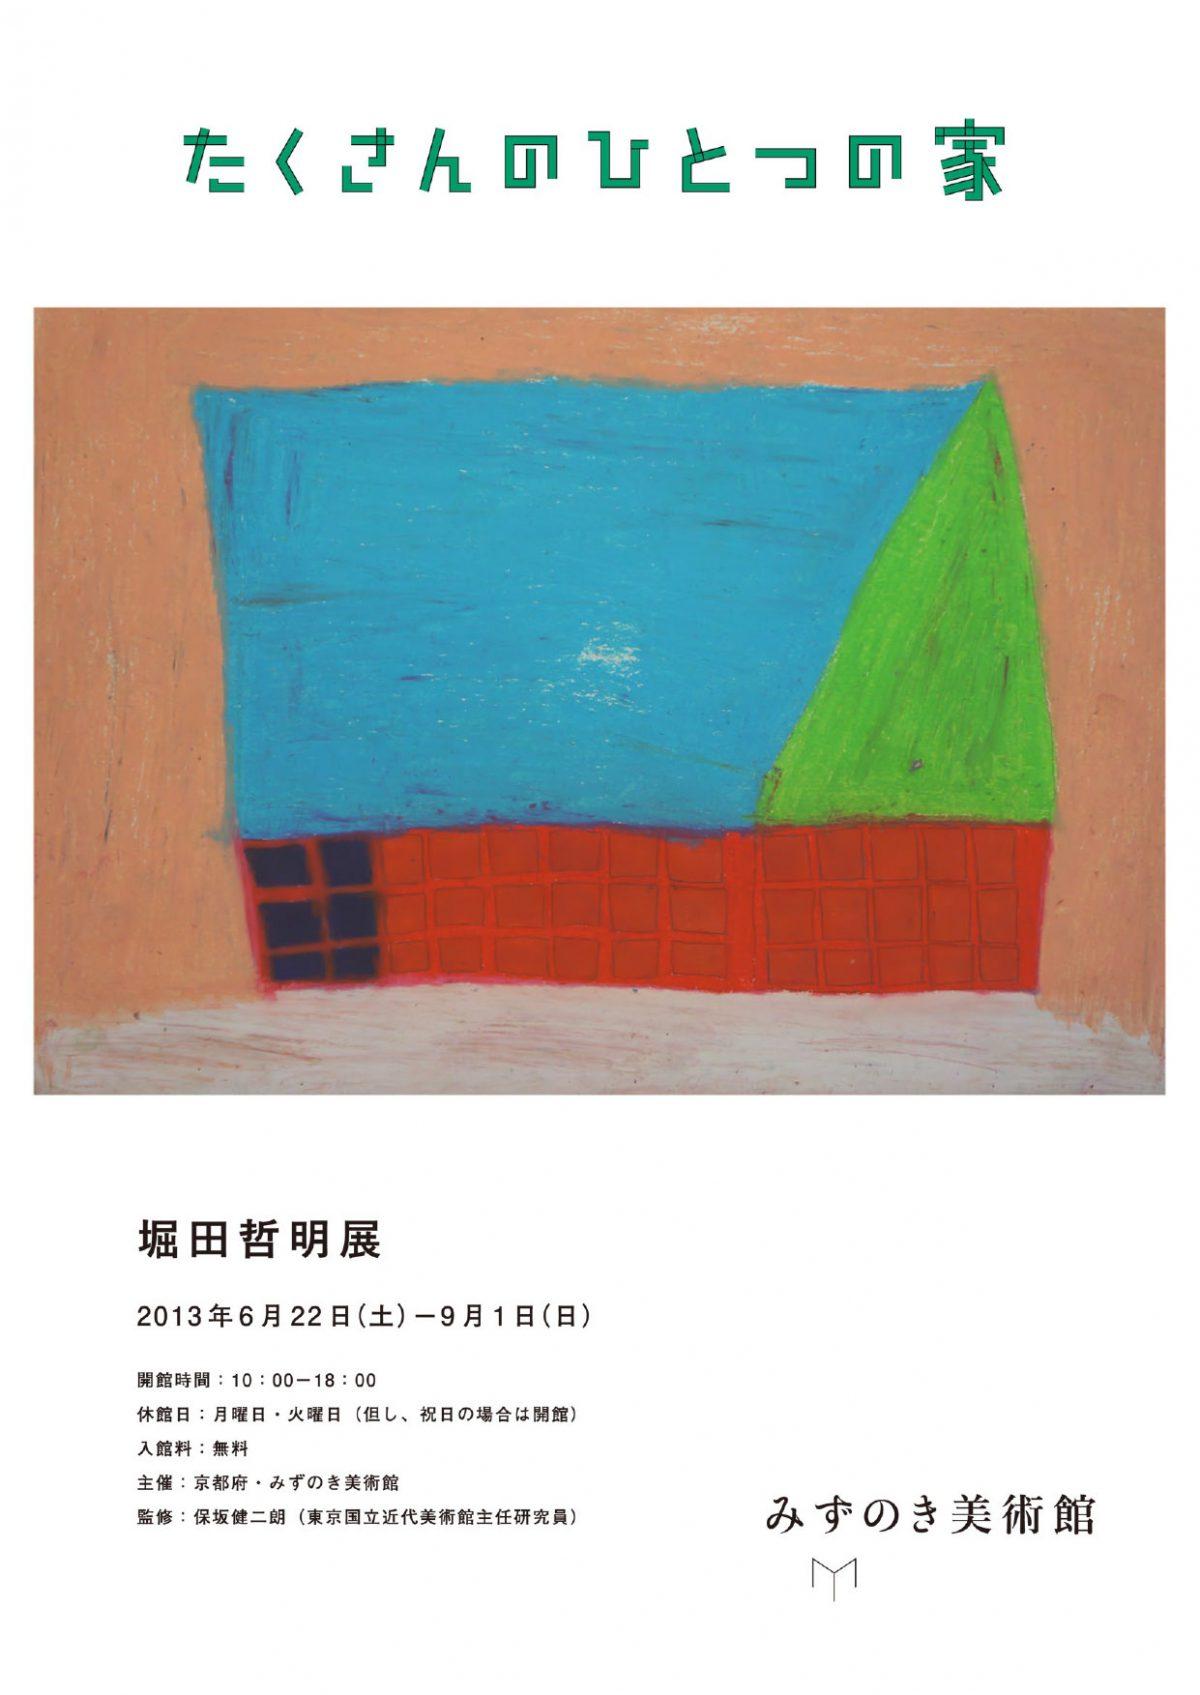 堀田哲明展「たくさんのひとつの家」 画像